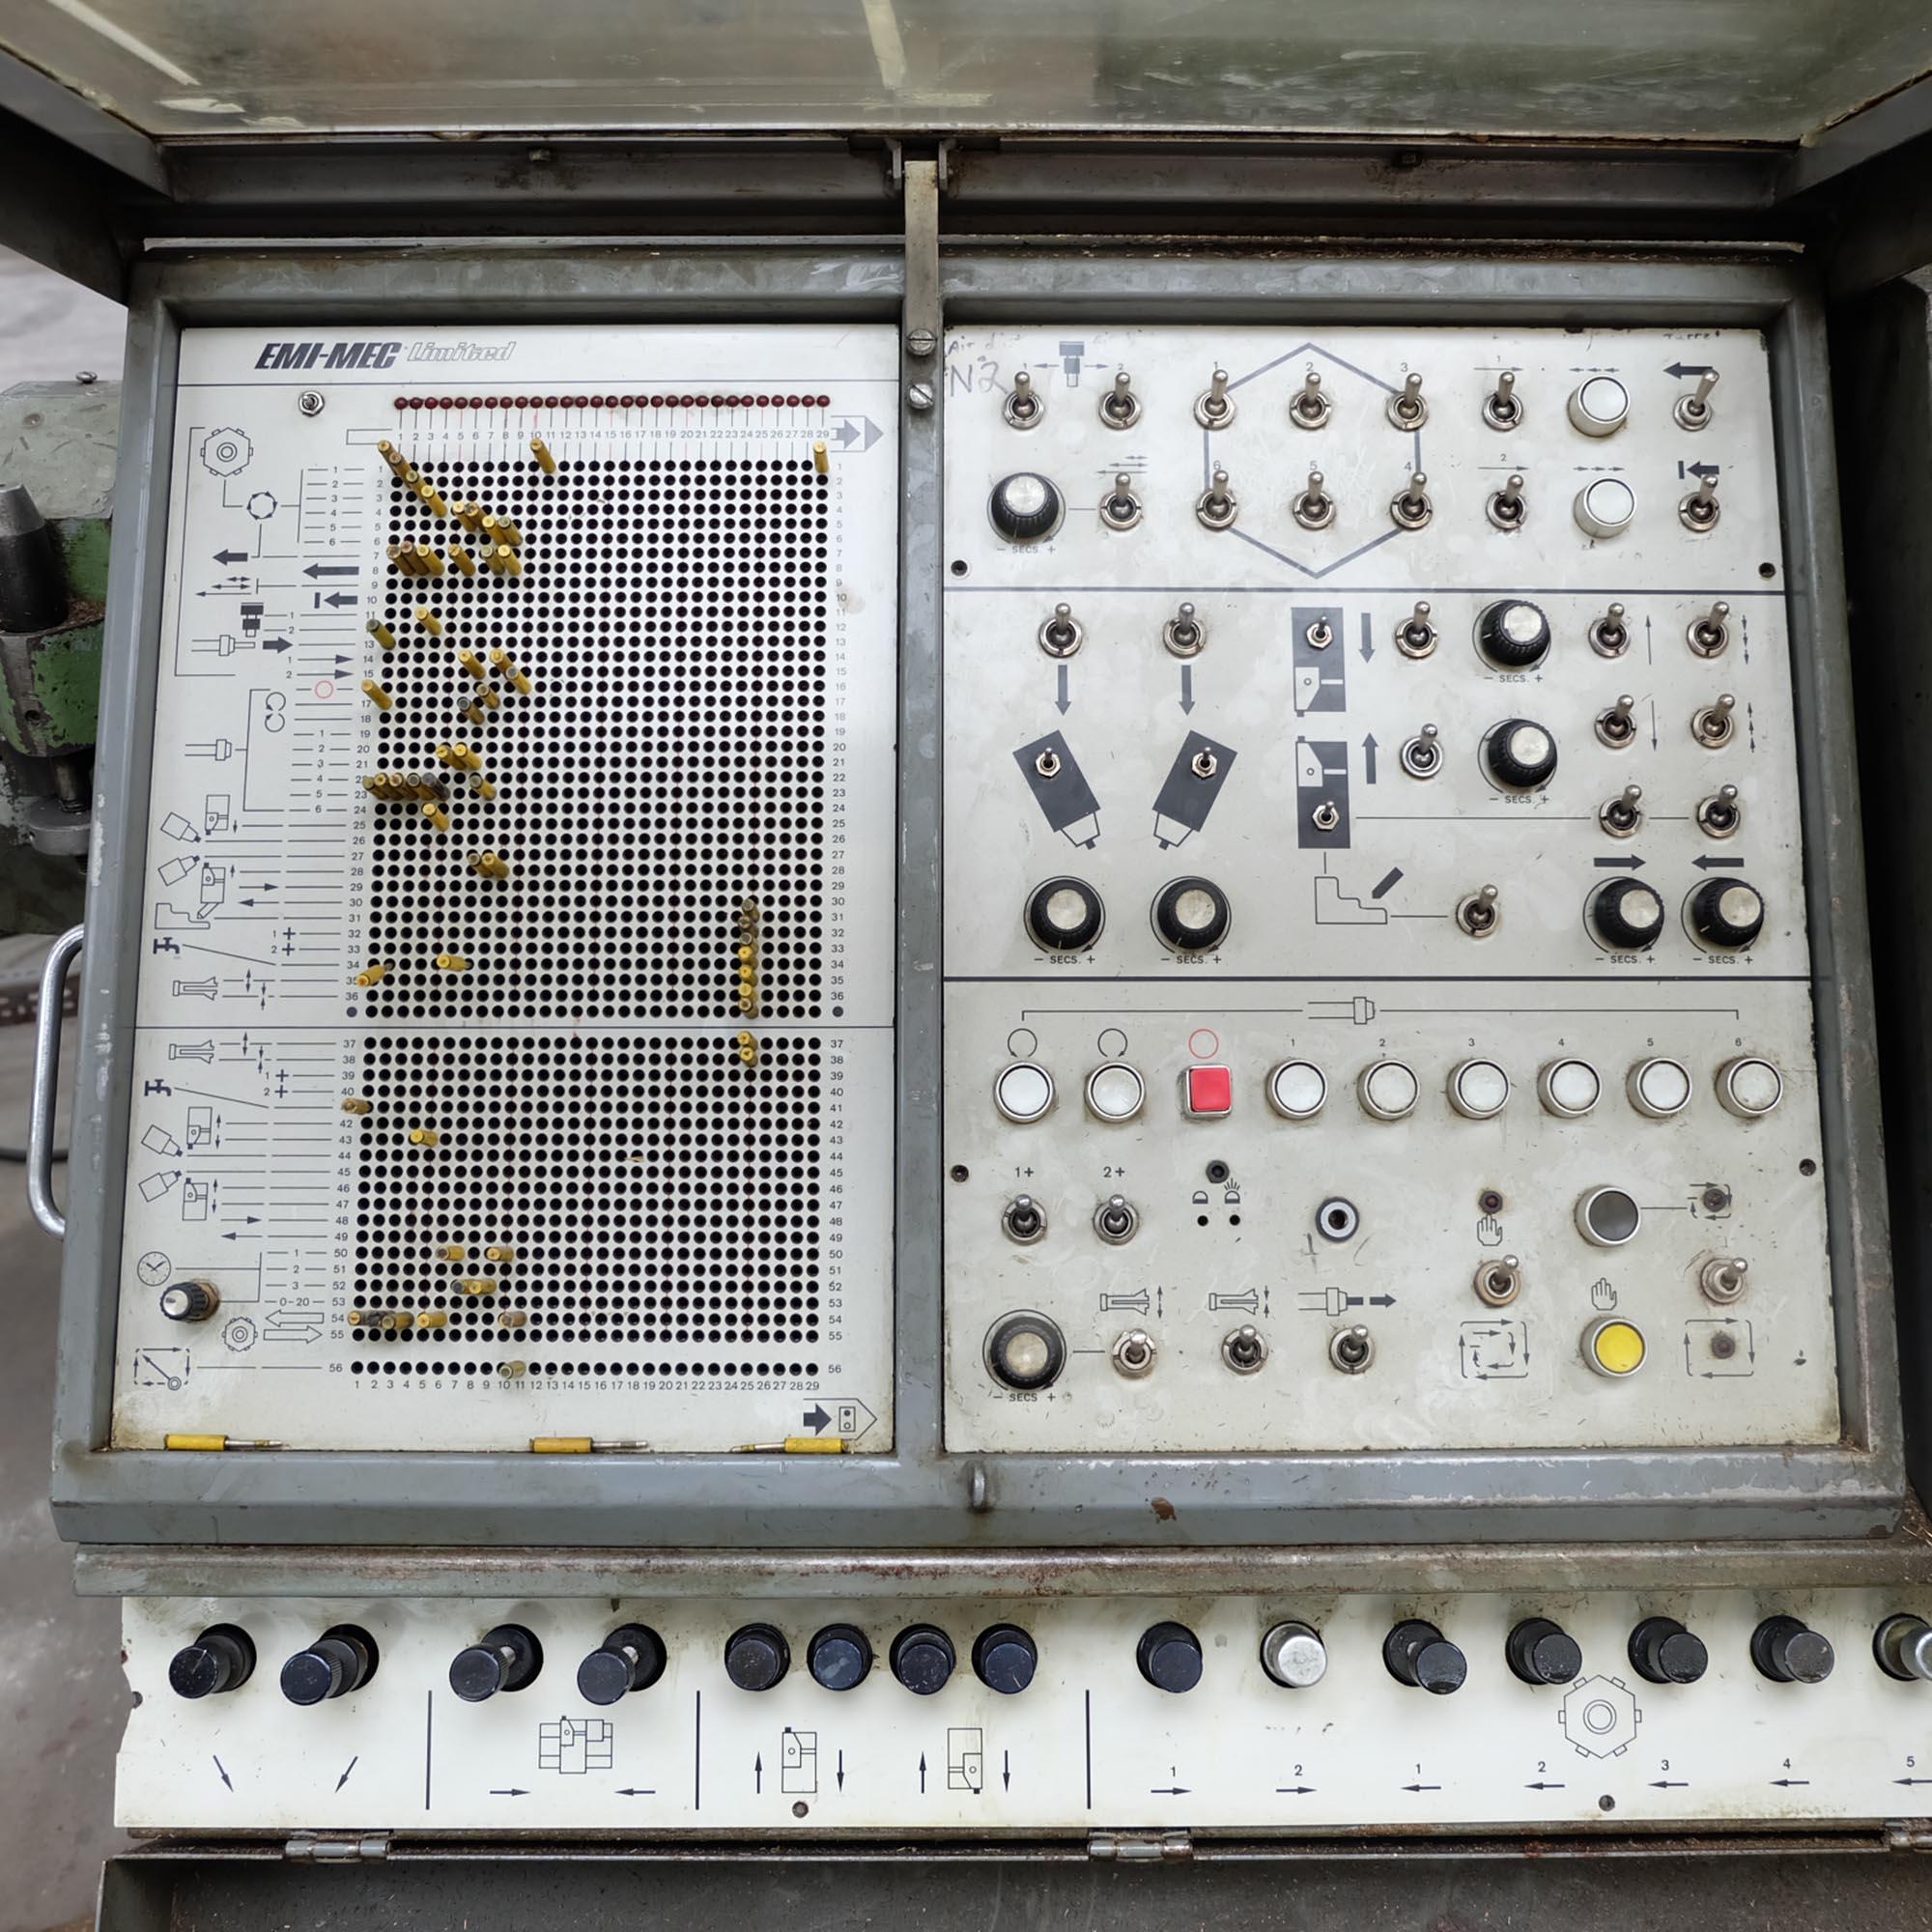 Emi-Mec Auto Sprint 'S' Plugboard Capstan Lathe. - Image 2 of 10